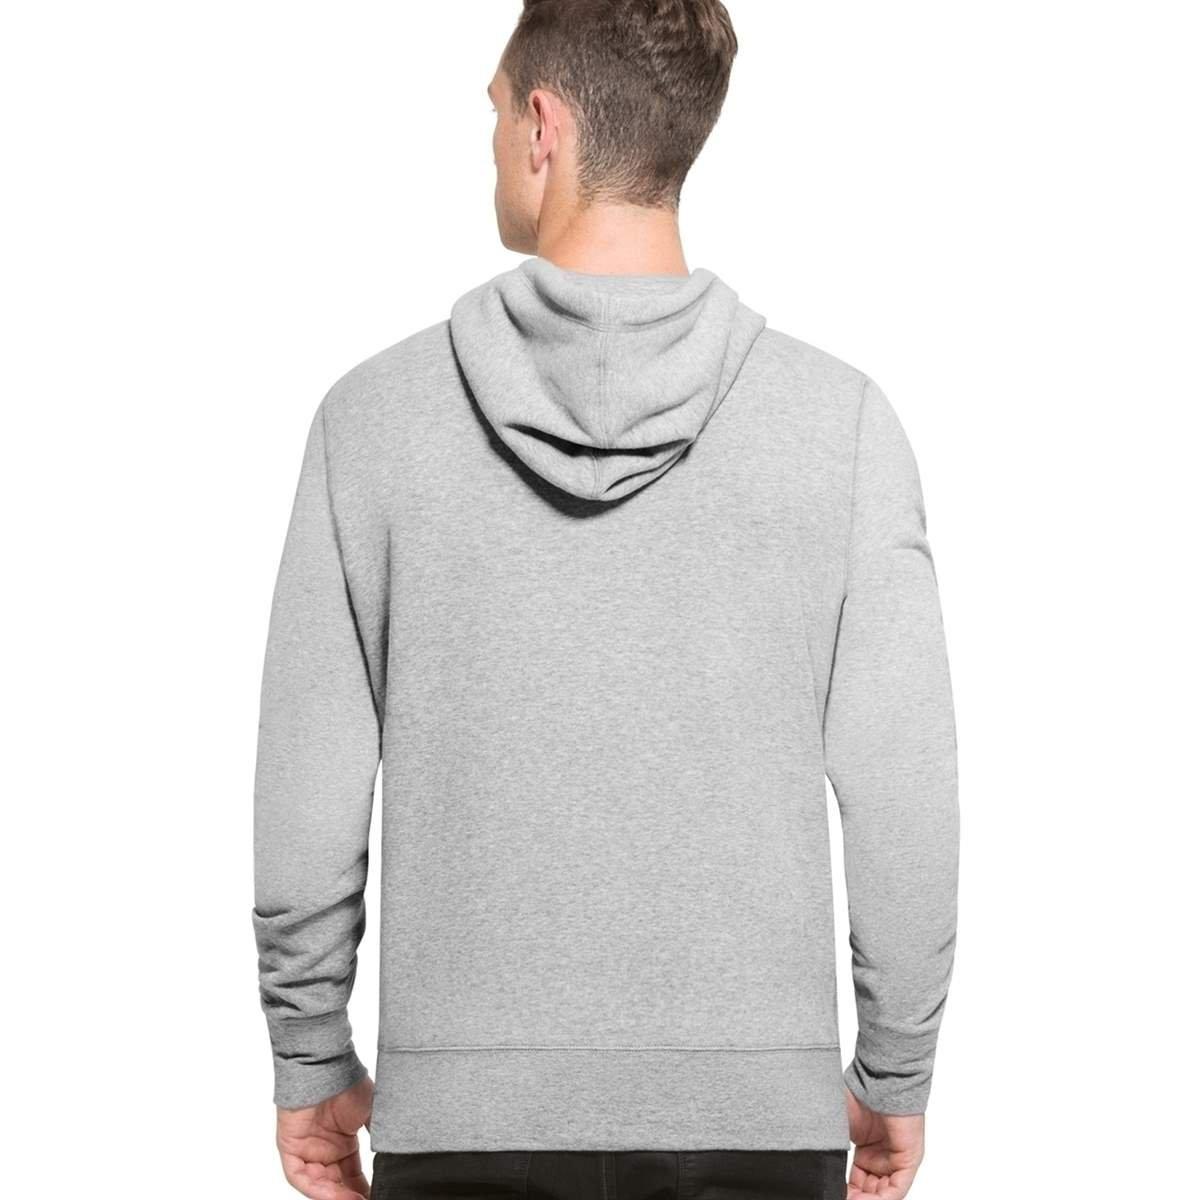 47 Brand Sacramento Kings Knockaround Felpa Felpa Felpa con Cappuccio NBA | diversità imballaggio  | Negozio online di vendita  | Up-to-date Stile  | Design affascinante  | On-line  | Moda moderna ed elegante  af043f